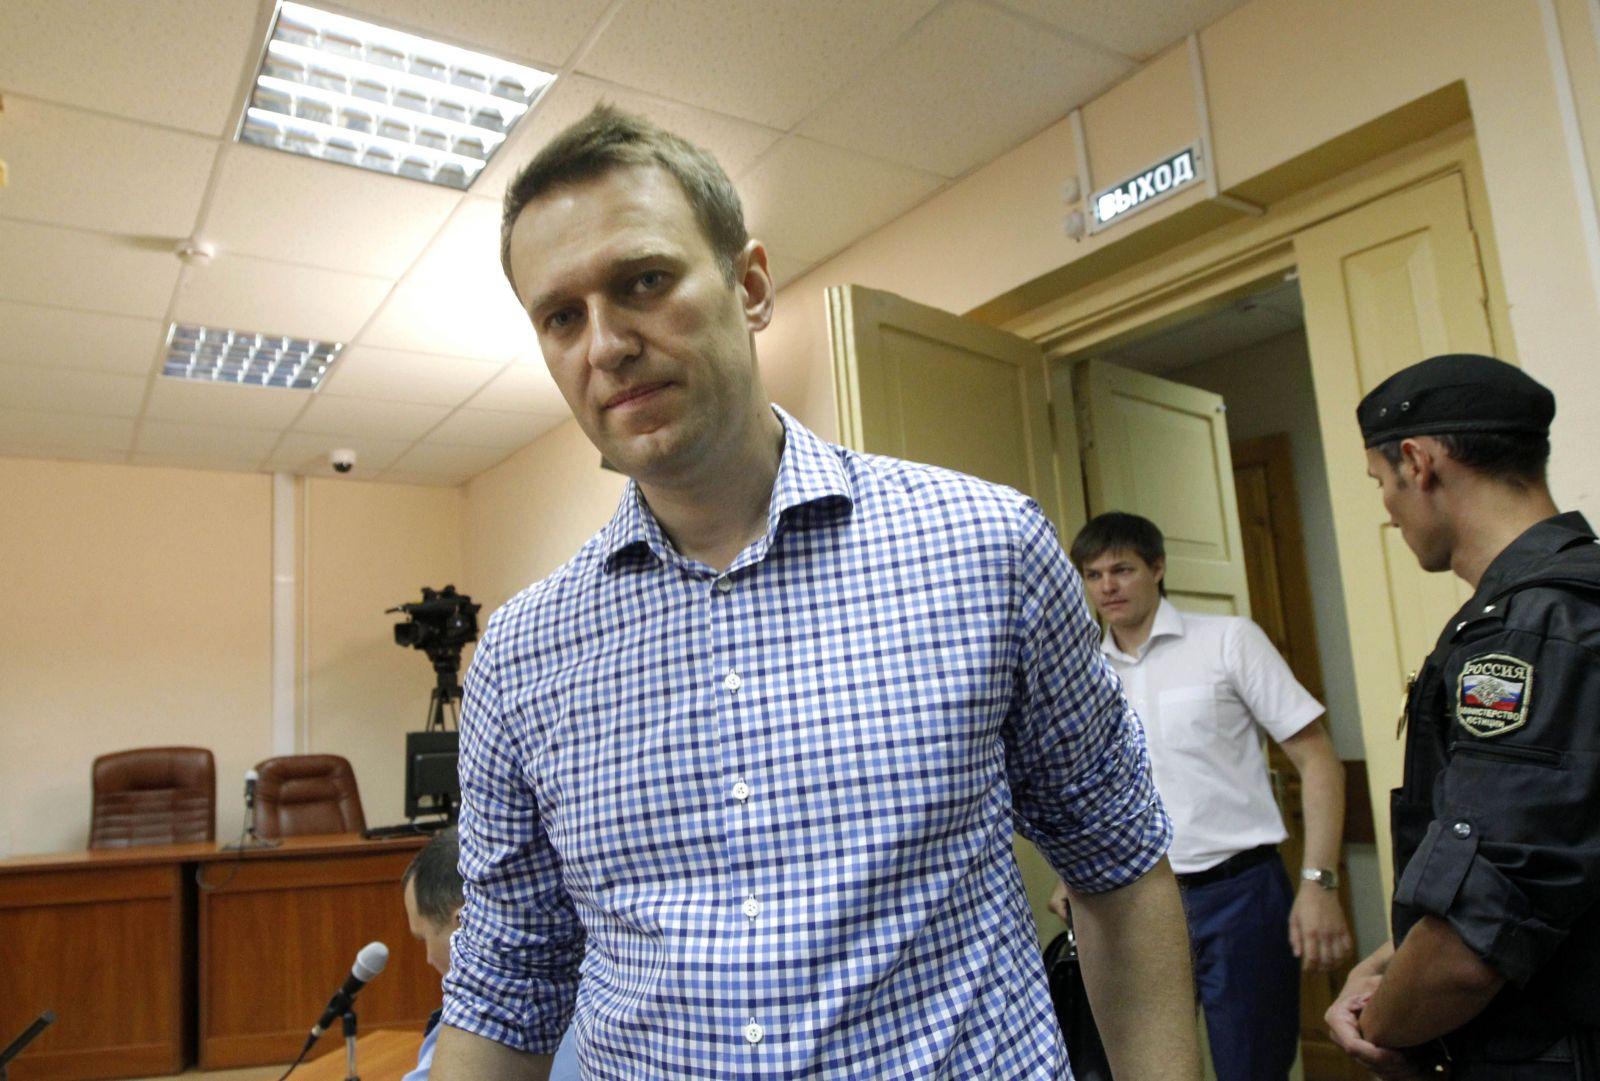 Meno Navaľnyj vraj Putin zakázal vyslovovať. Nechali ho zavraždiť, teraz ho napriek protestom poslali na tri a pol roka do väzenia